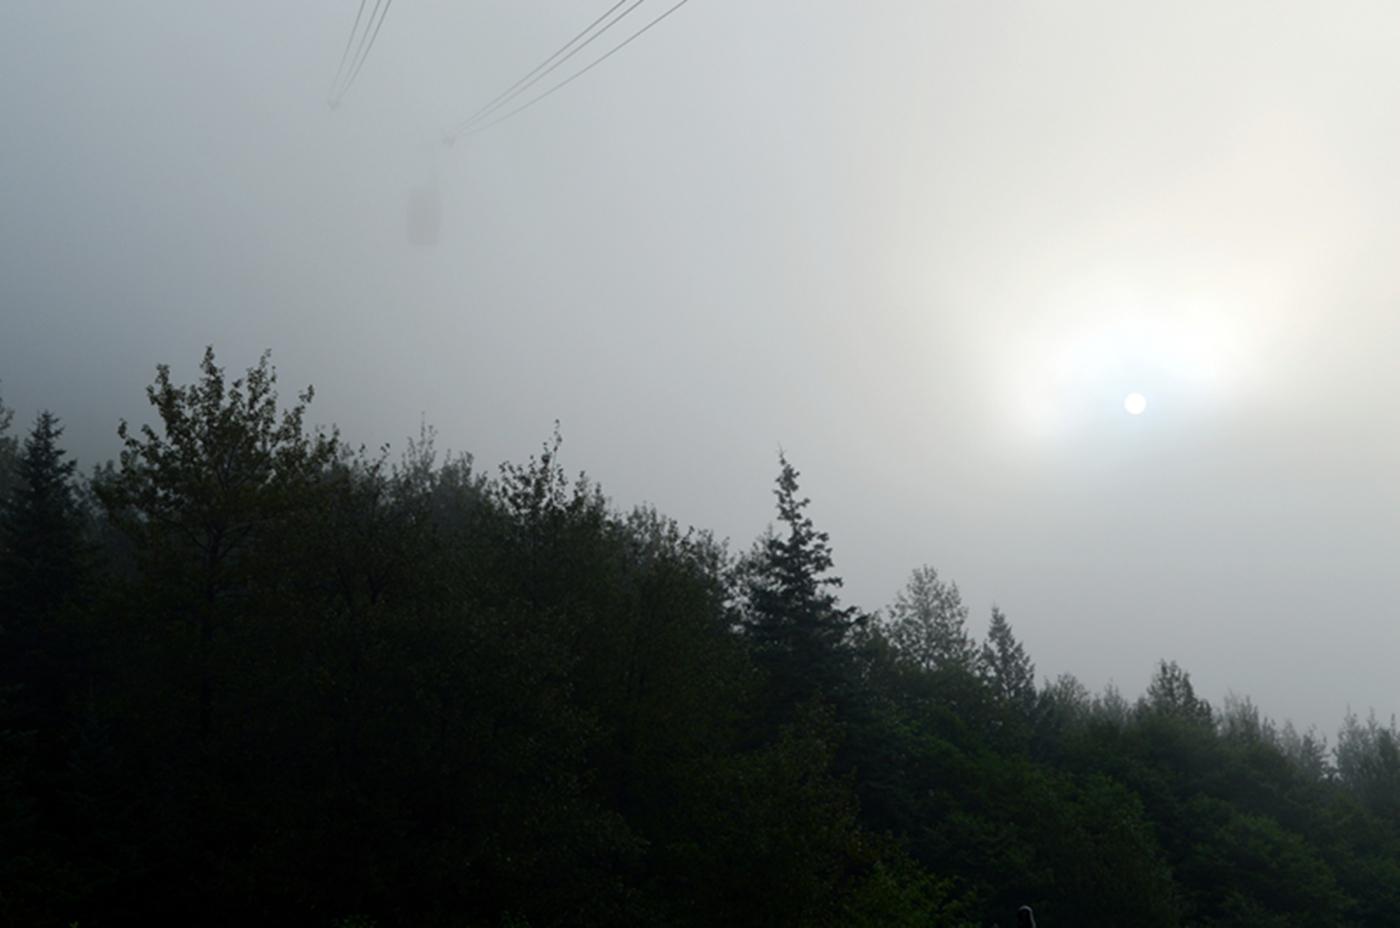 阿拉斯加,那山、那水、那人……_图1-11